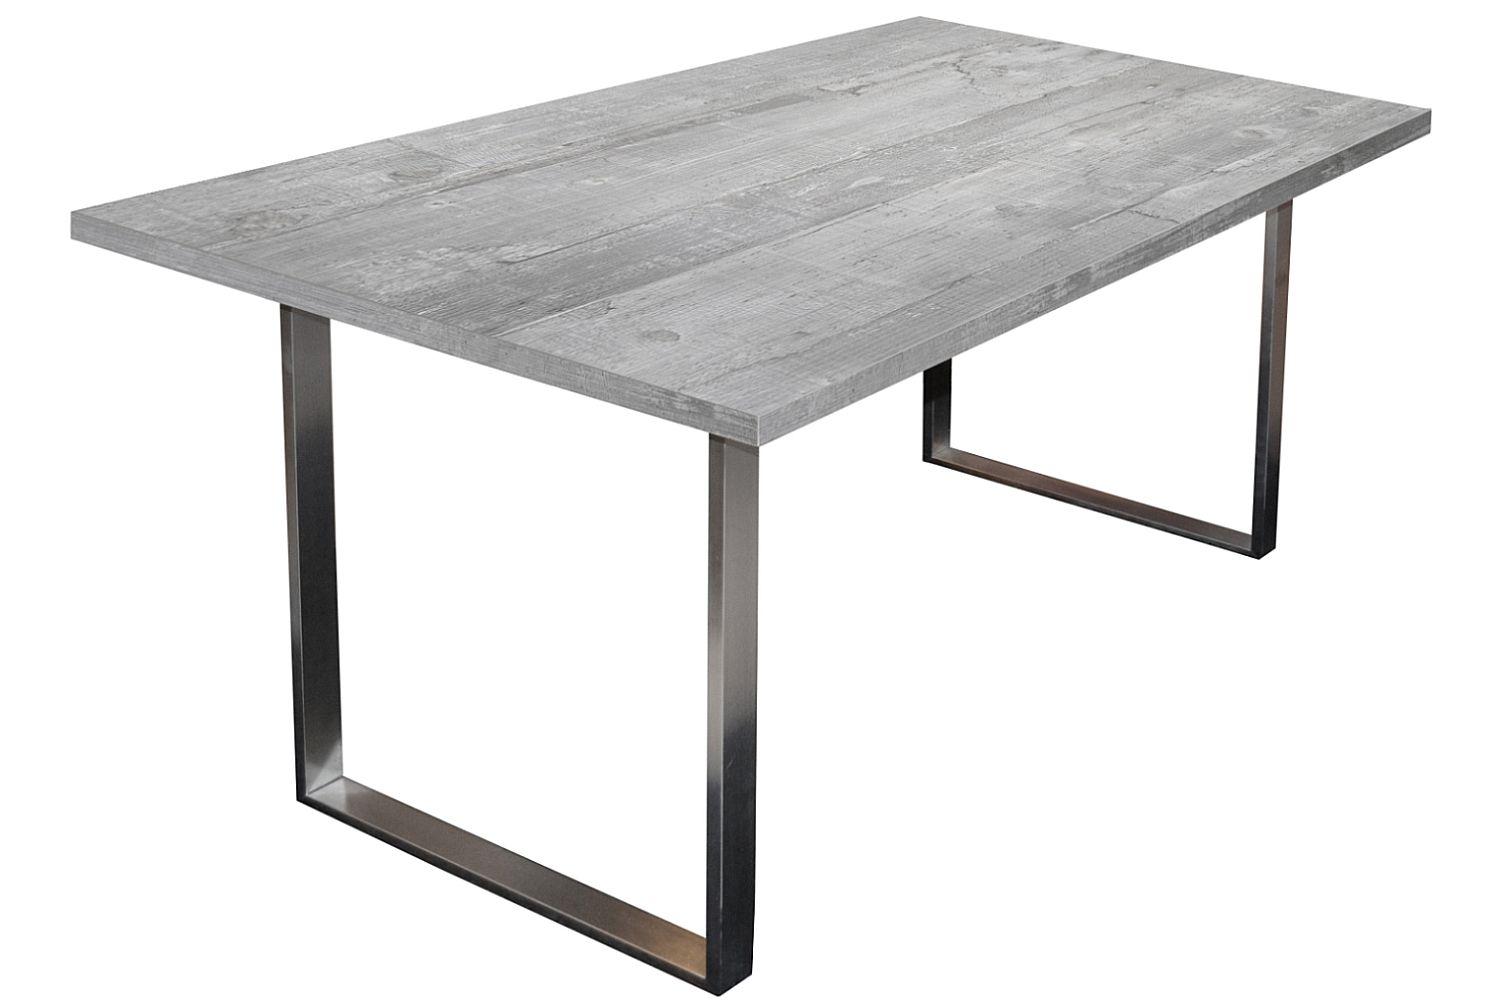 steel esstisch 0546/160-90 beton online kaufen, Esstisch ideennn